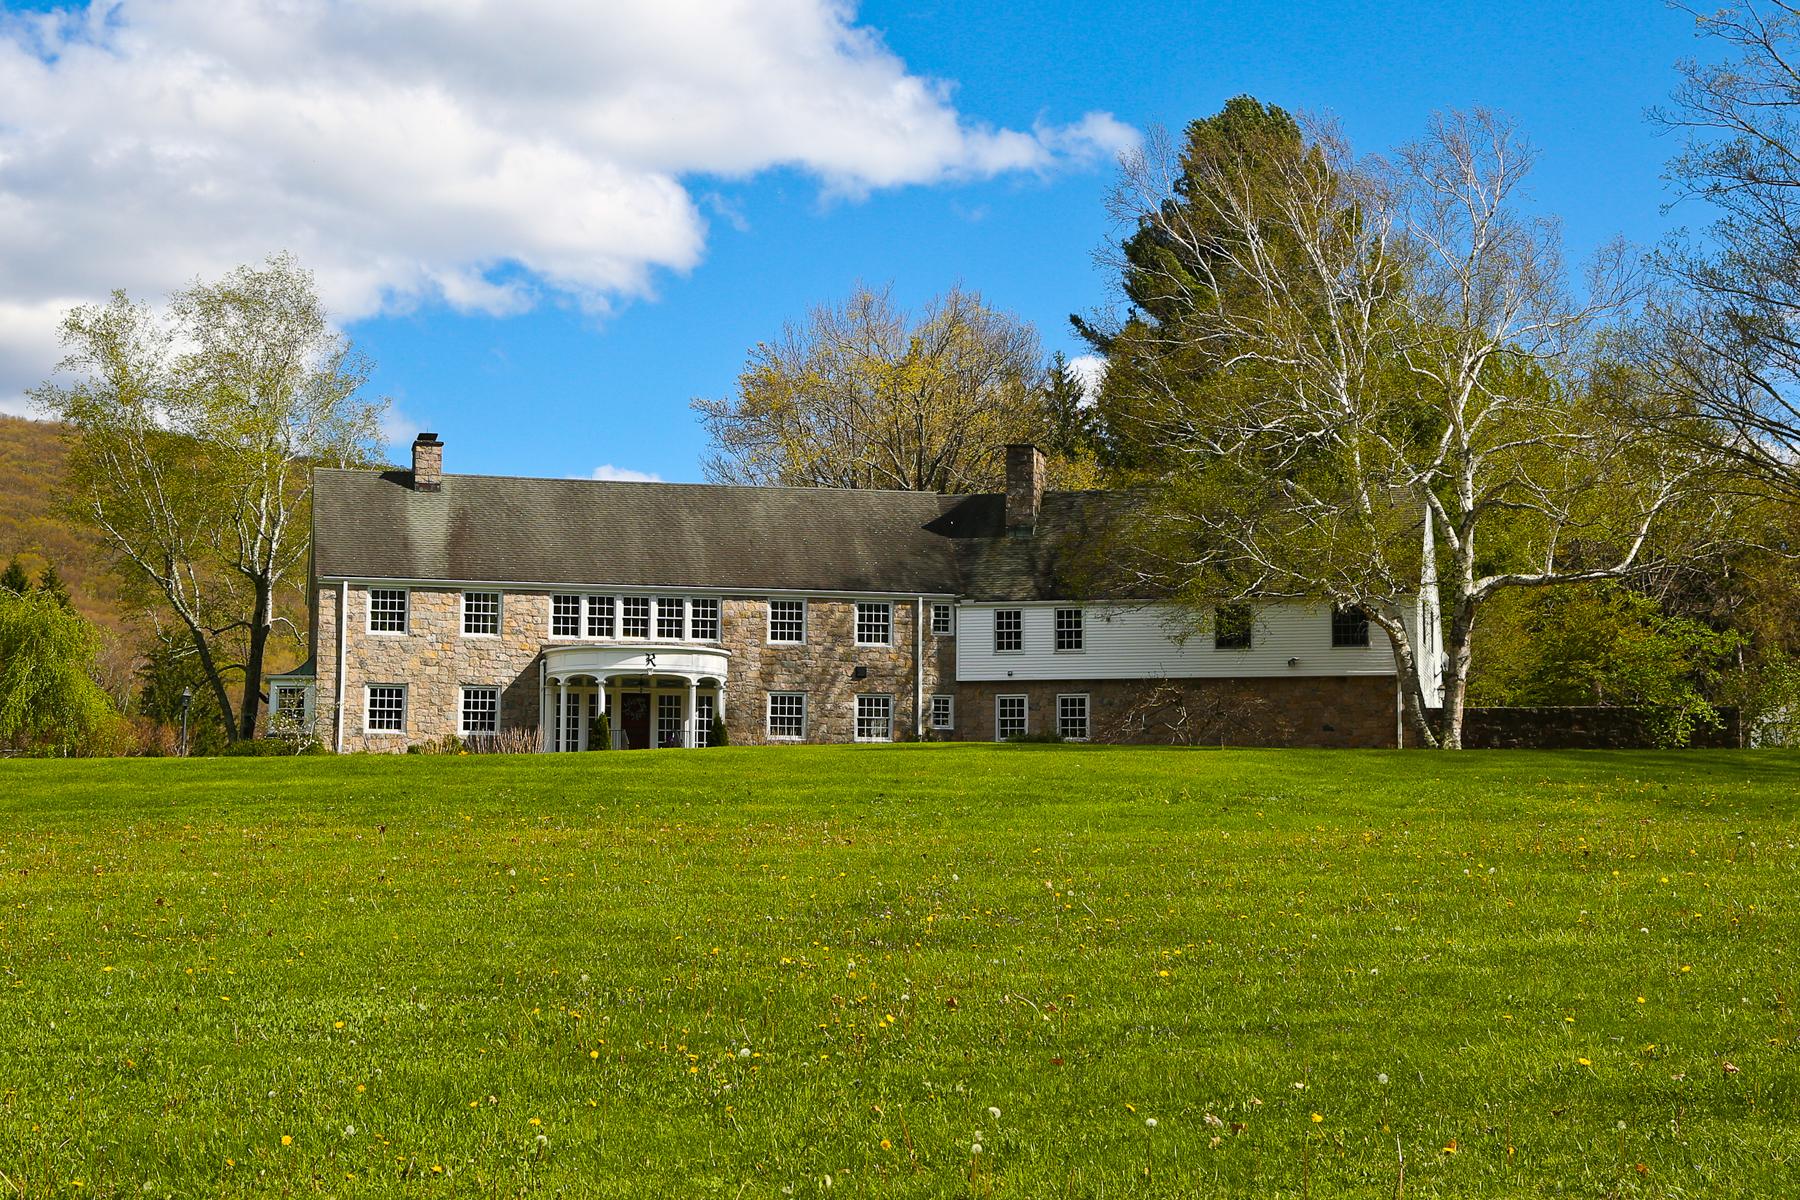 Maison unifamiliale pour l Vente à Gracious Sharon Estate 140 White Hollow Rd Sharon, Connecticut, 06069 États-Unis